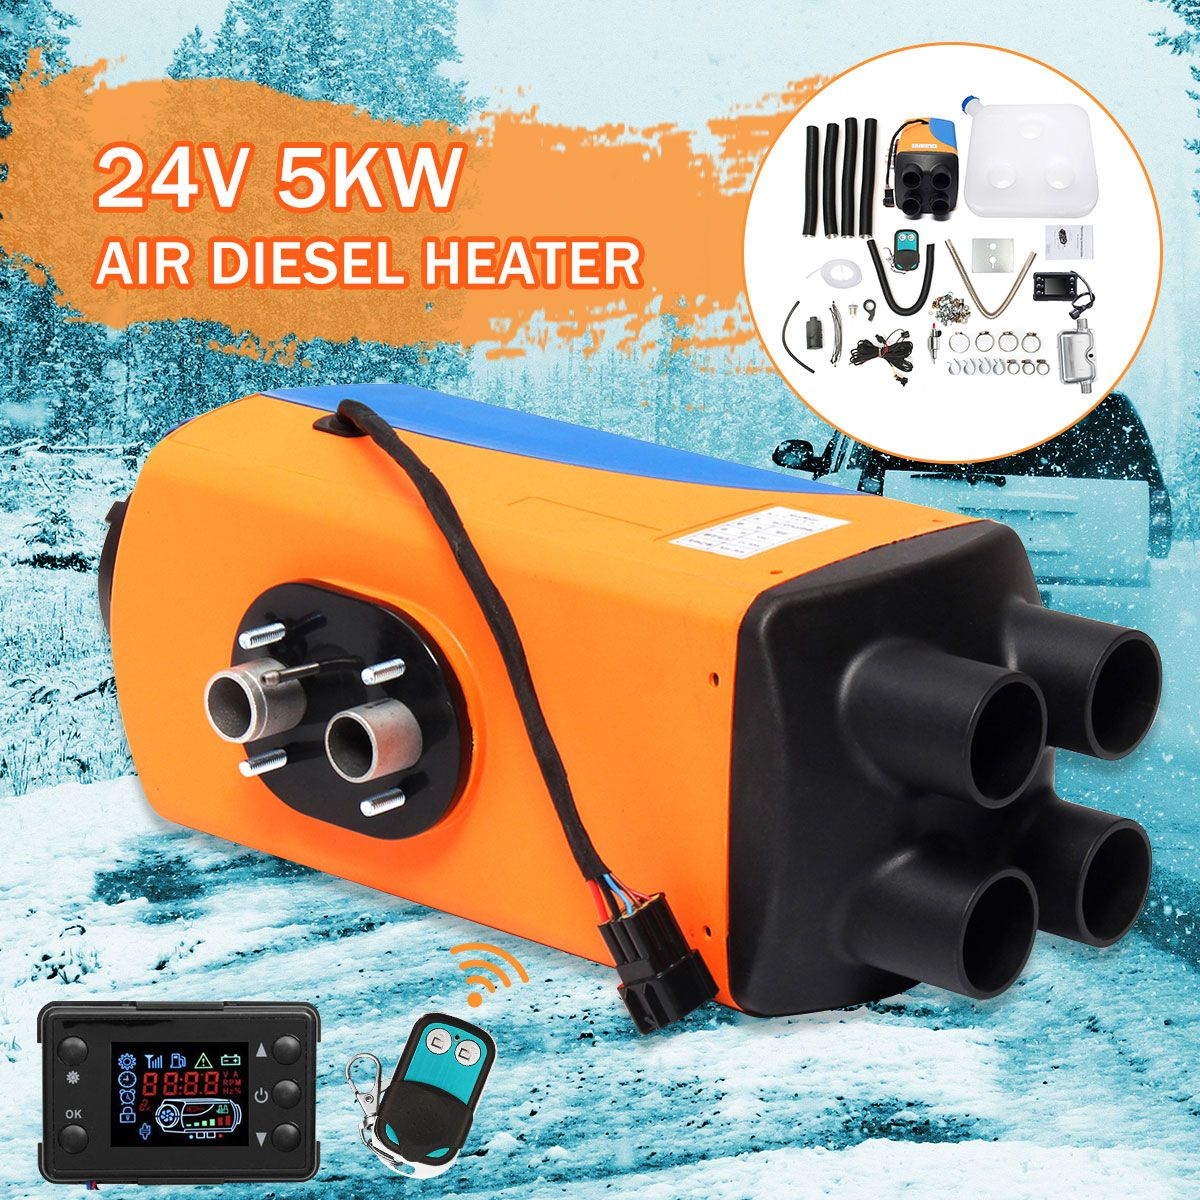 Audew Auto Parkplatz Air Diesel Heizung 24 v 5KW 4-Löcher 5000 watt Auto Heizung + LCD Schalter + schalldämpfer für Wohnmobil Boote Auto Zubehör